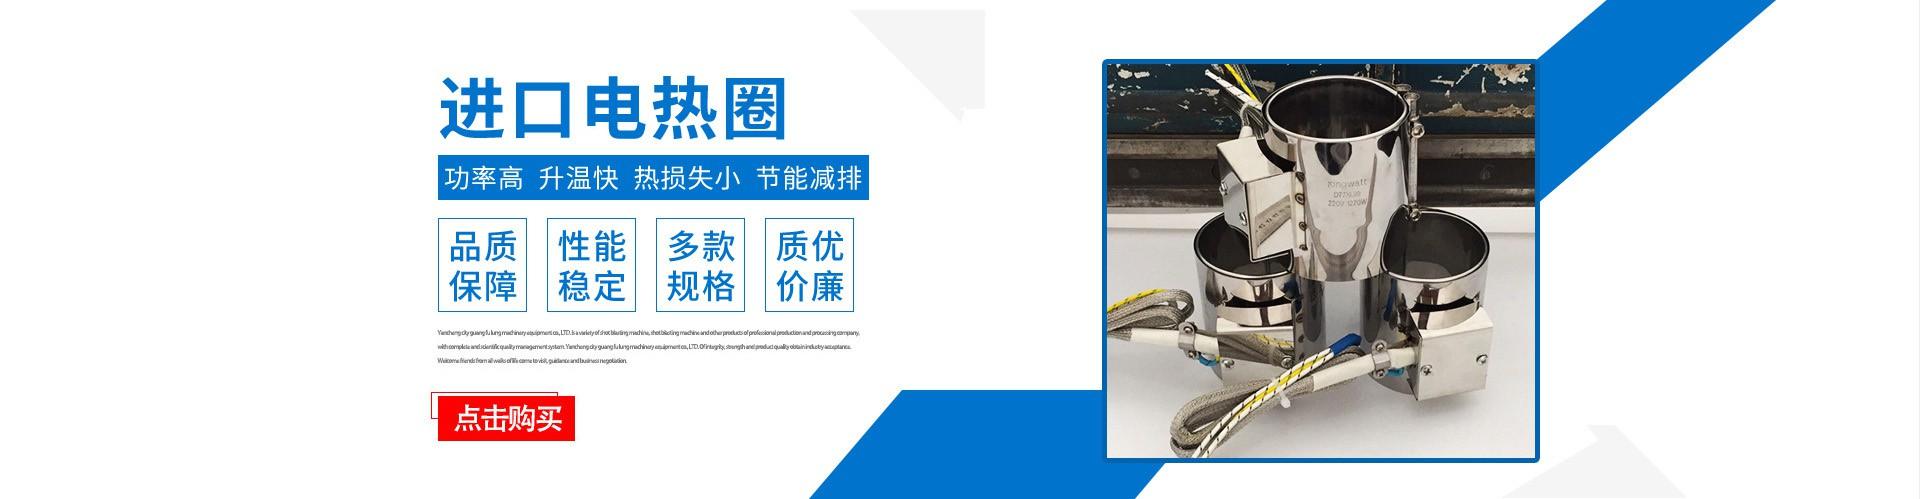 台州弹簧加热圈生产厂家